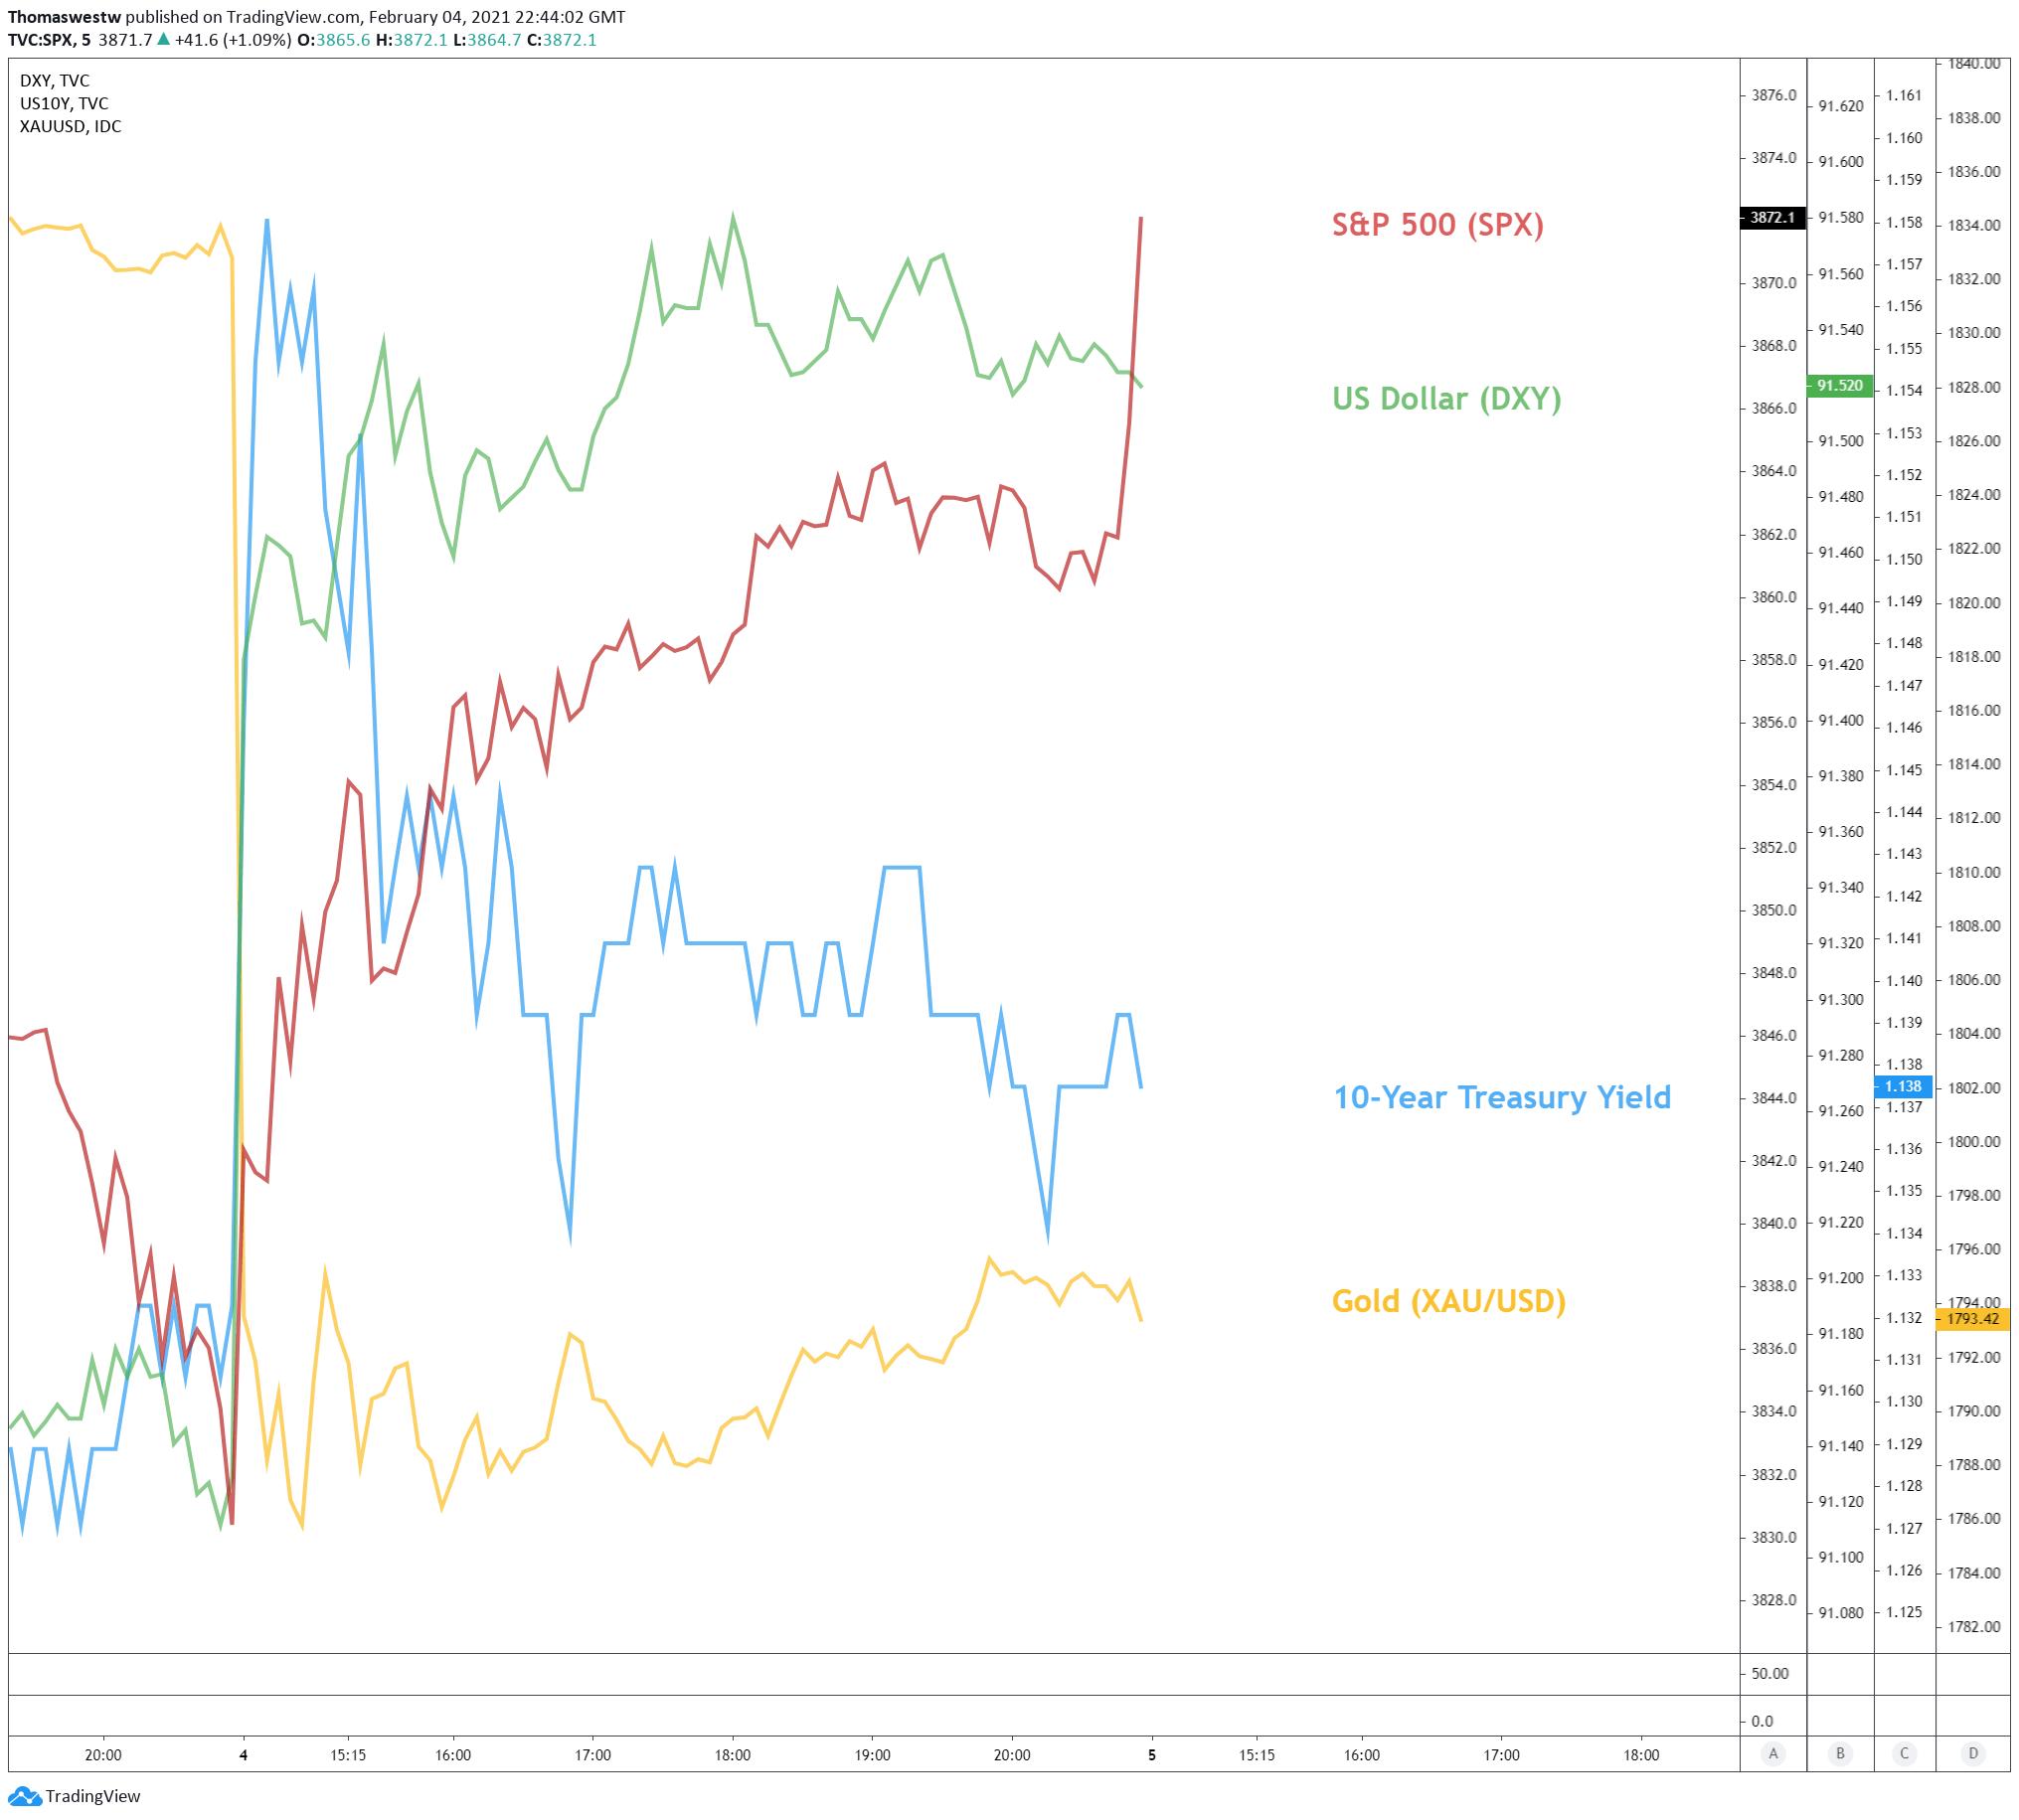 澳元投資者關注央行行長鴿派講話,澳元/日元升至三角形形態阻力附近